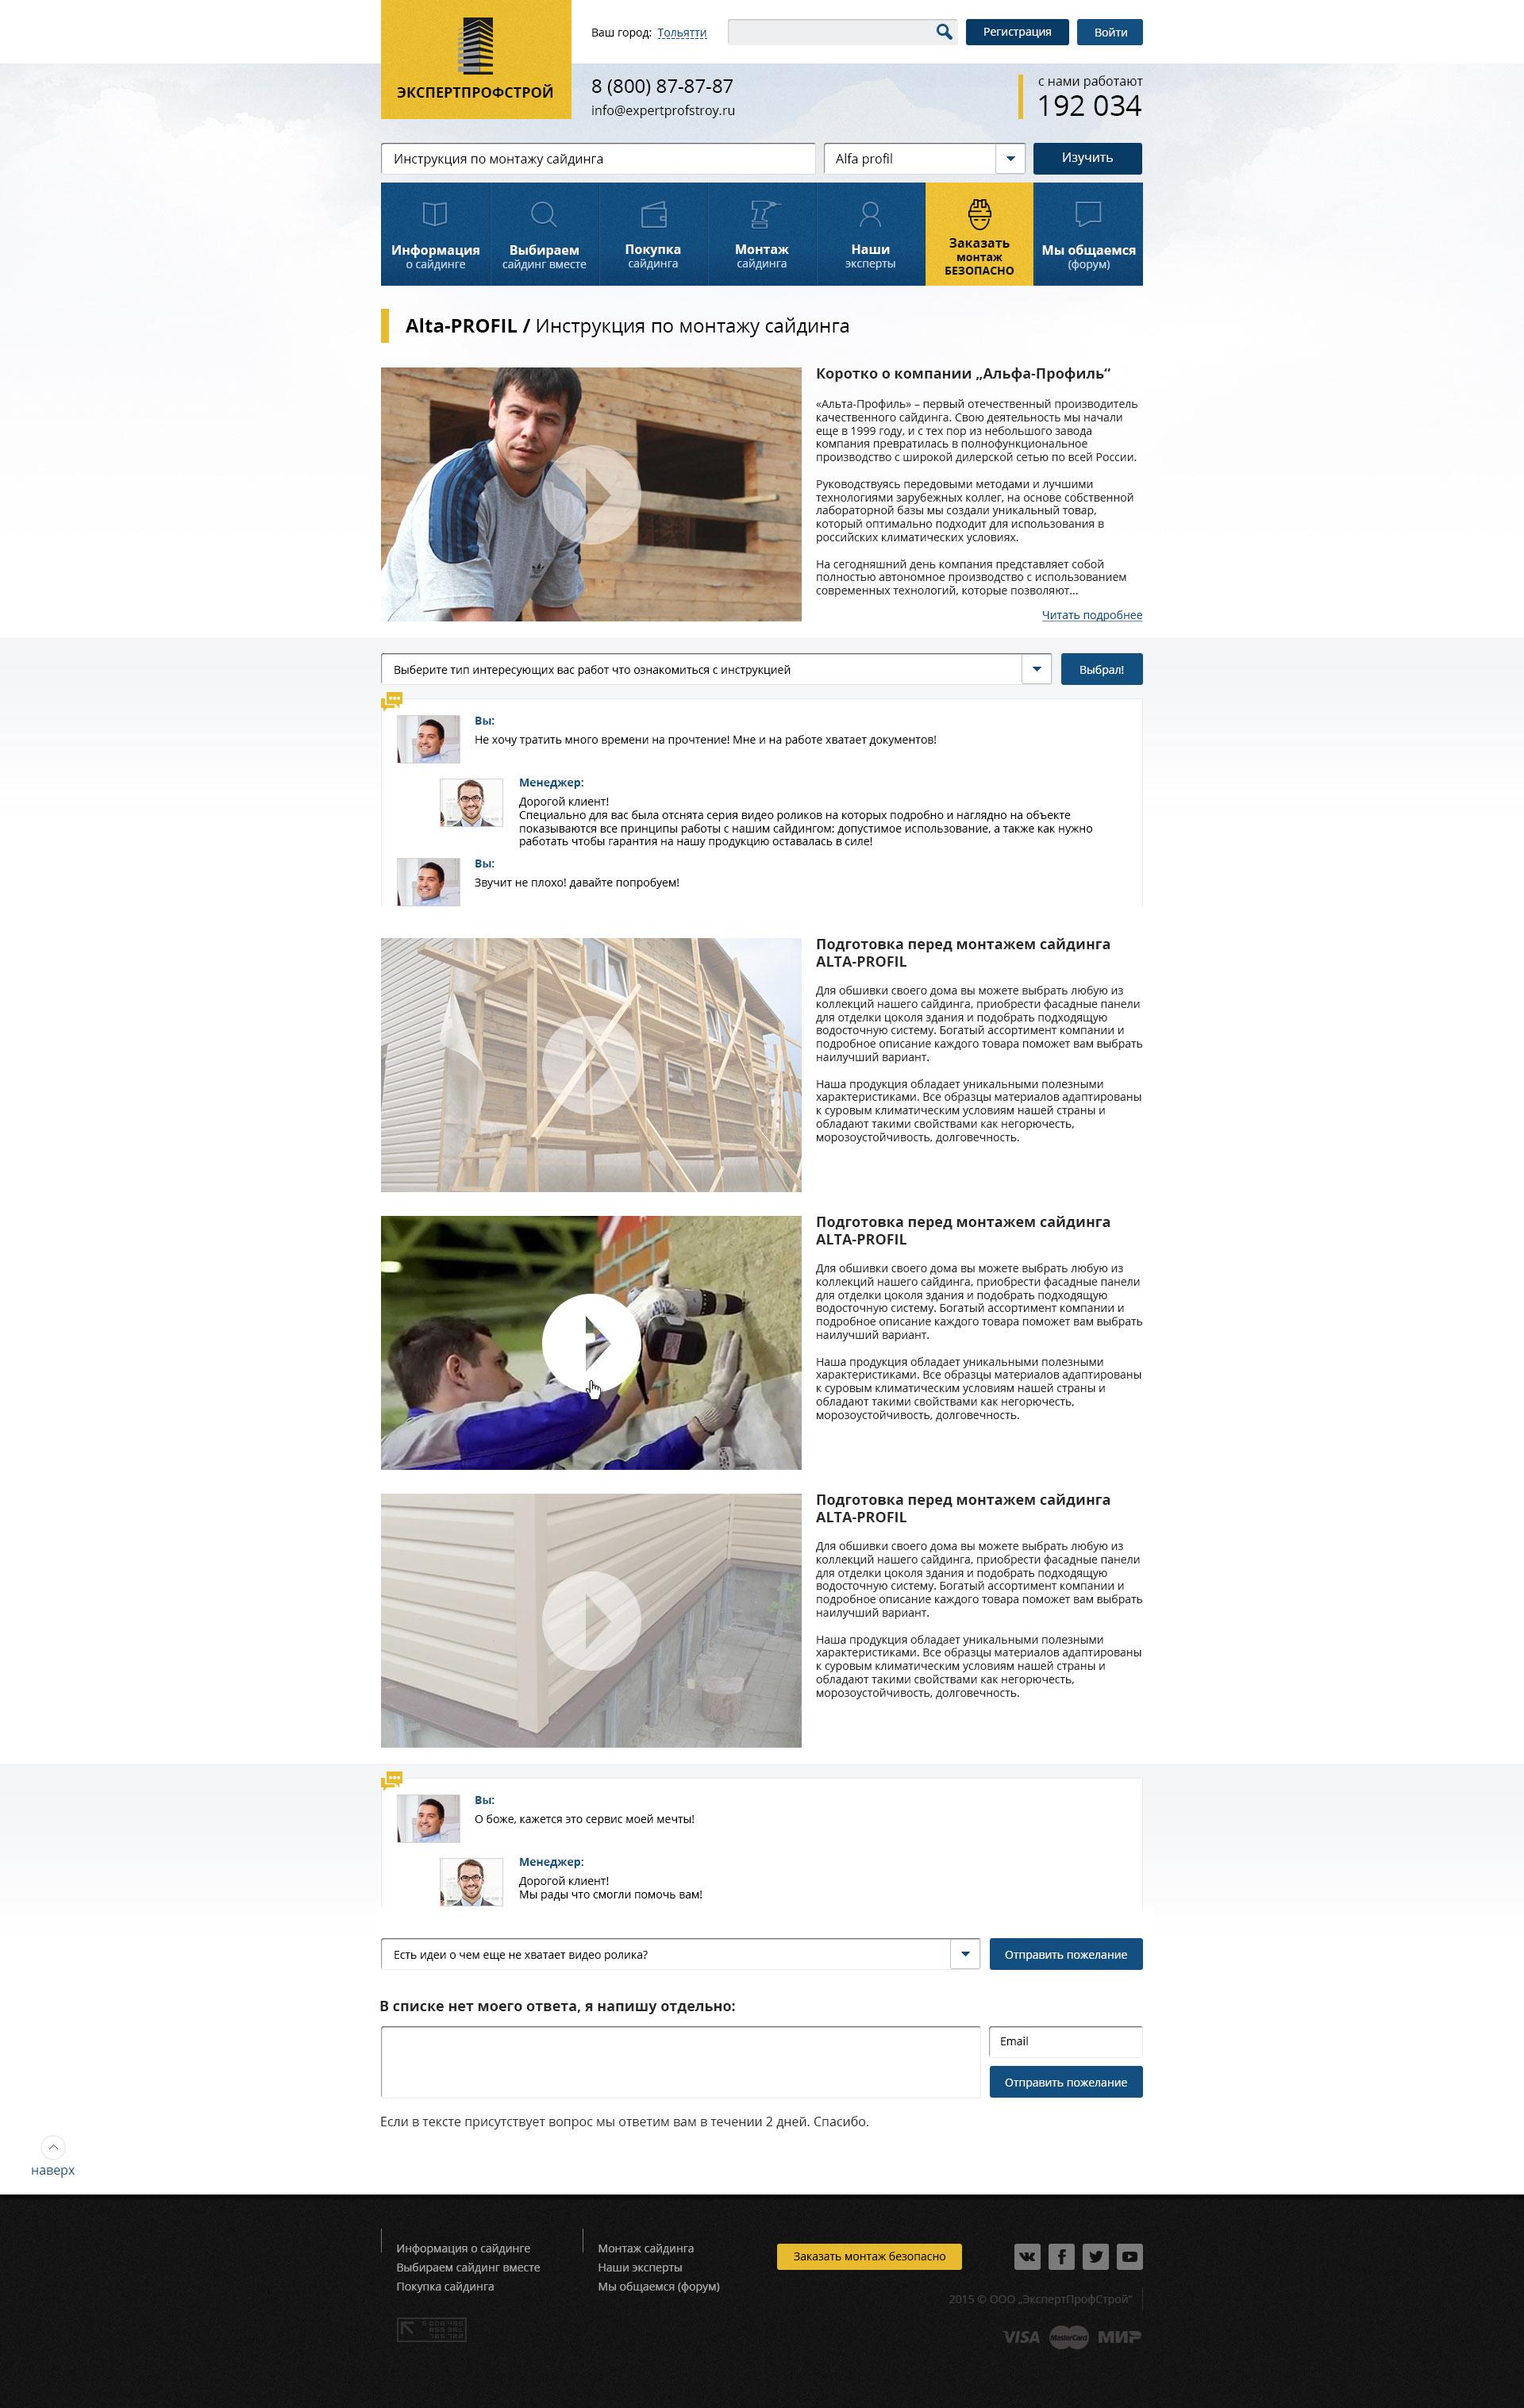 Информационная страница по монтажу сайдинга